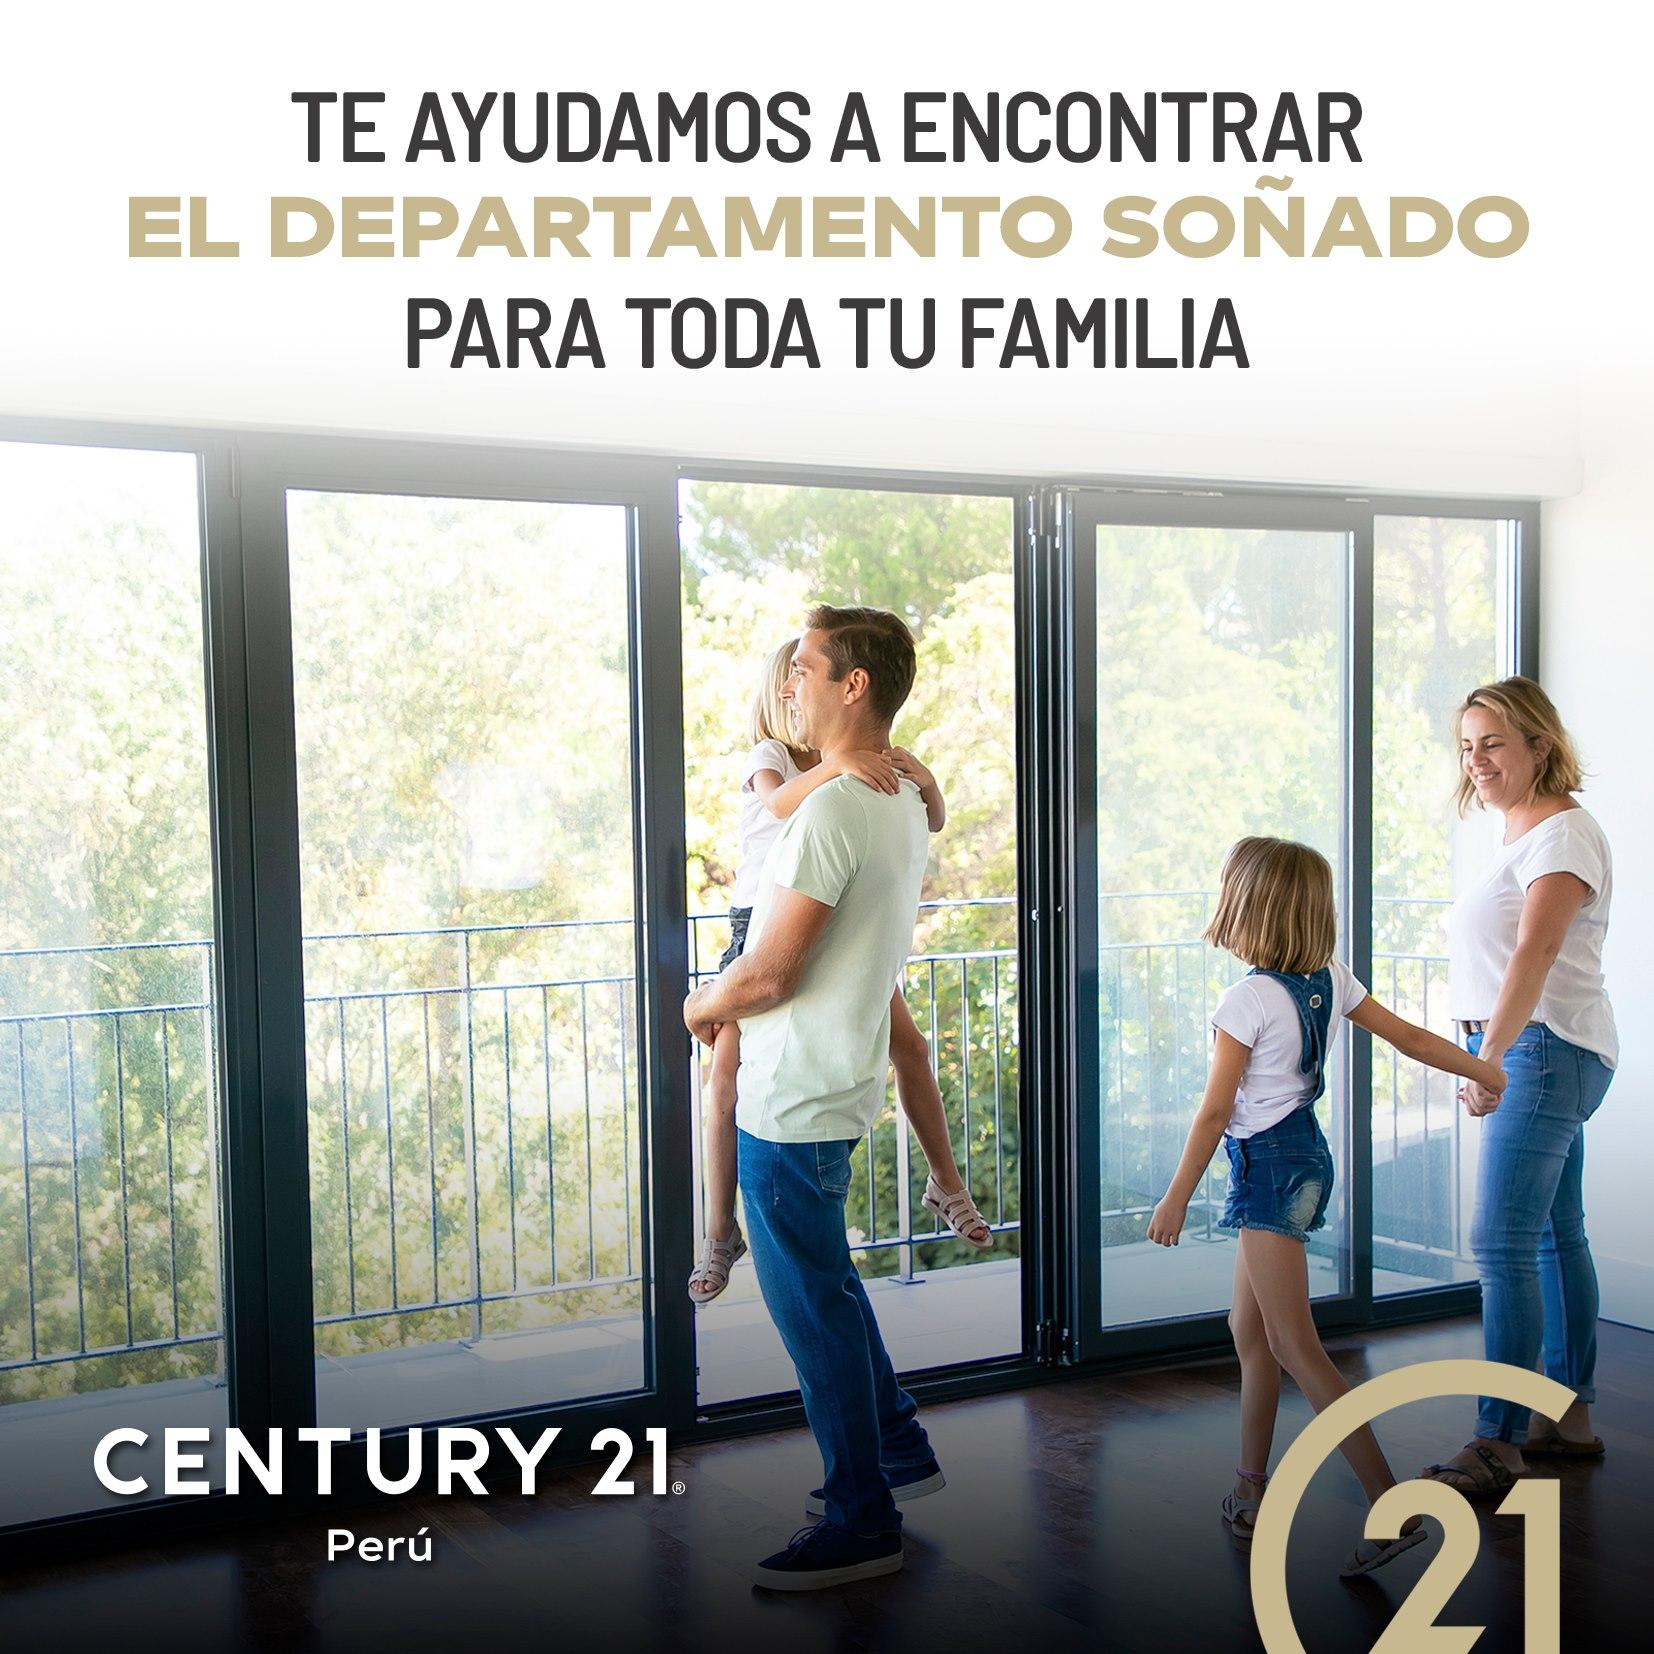 century21 venta casa departamento